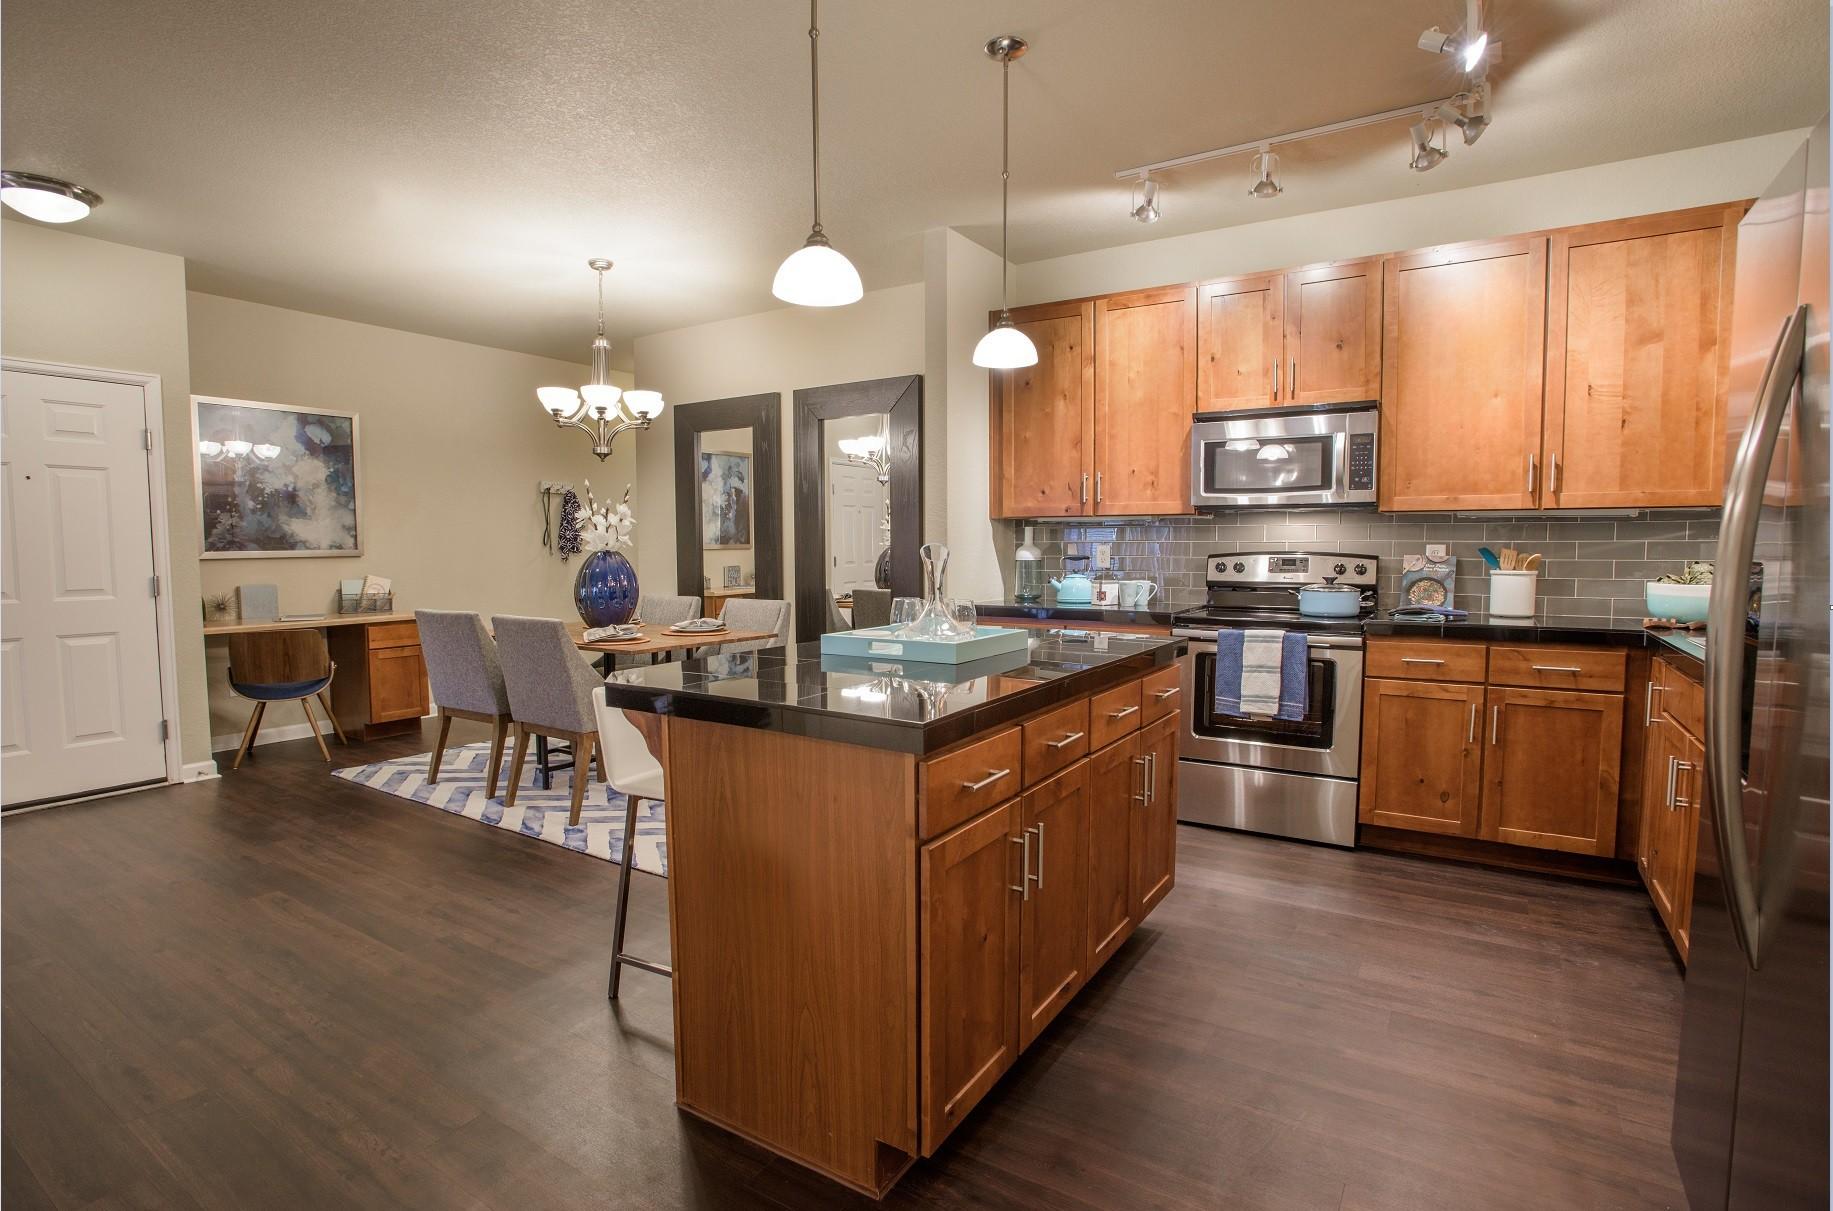 Whisper Sky Apartments for Rent - 1755 S Beeler St, Denver, CO 80247 ...